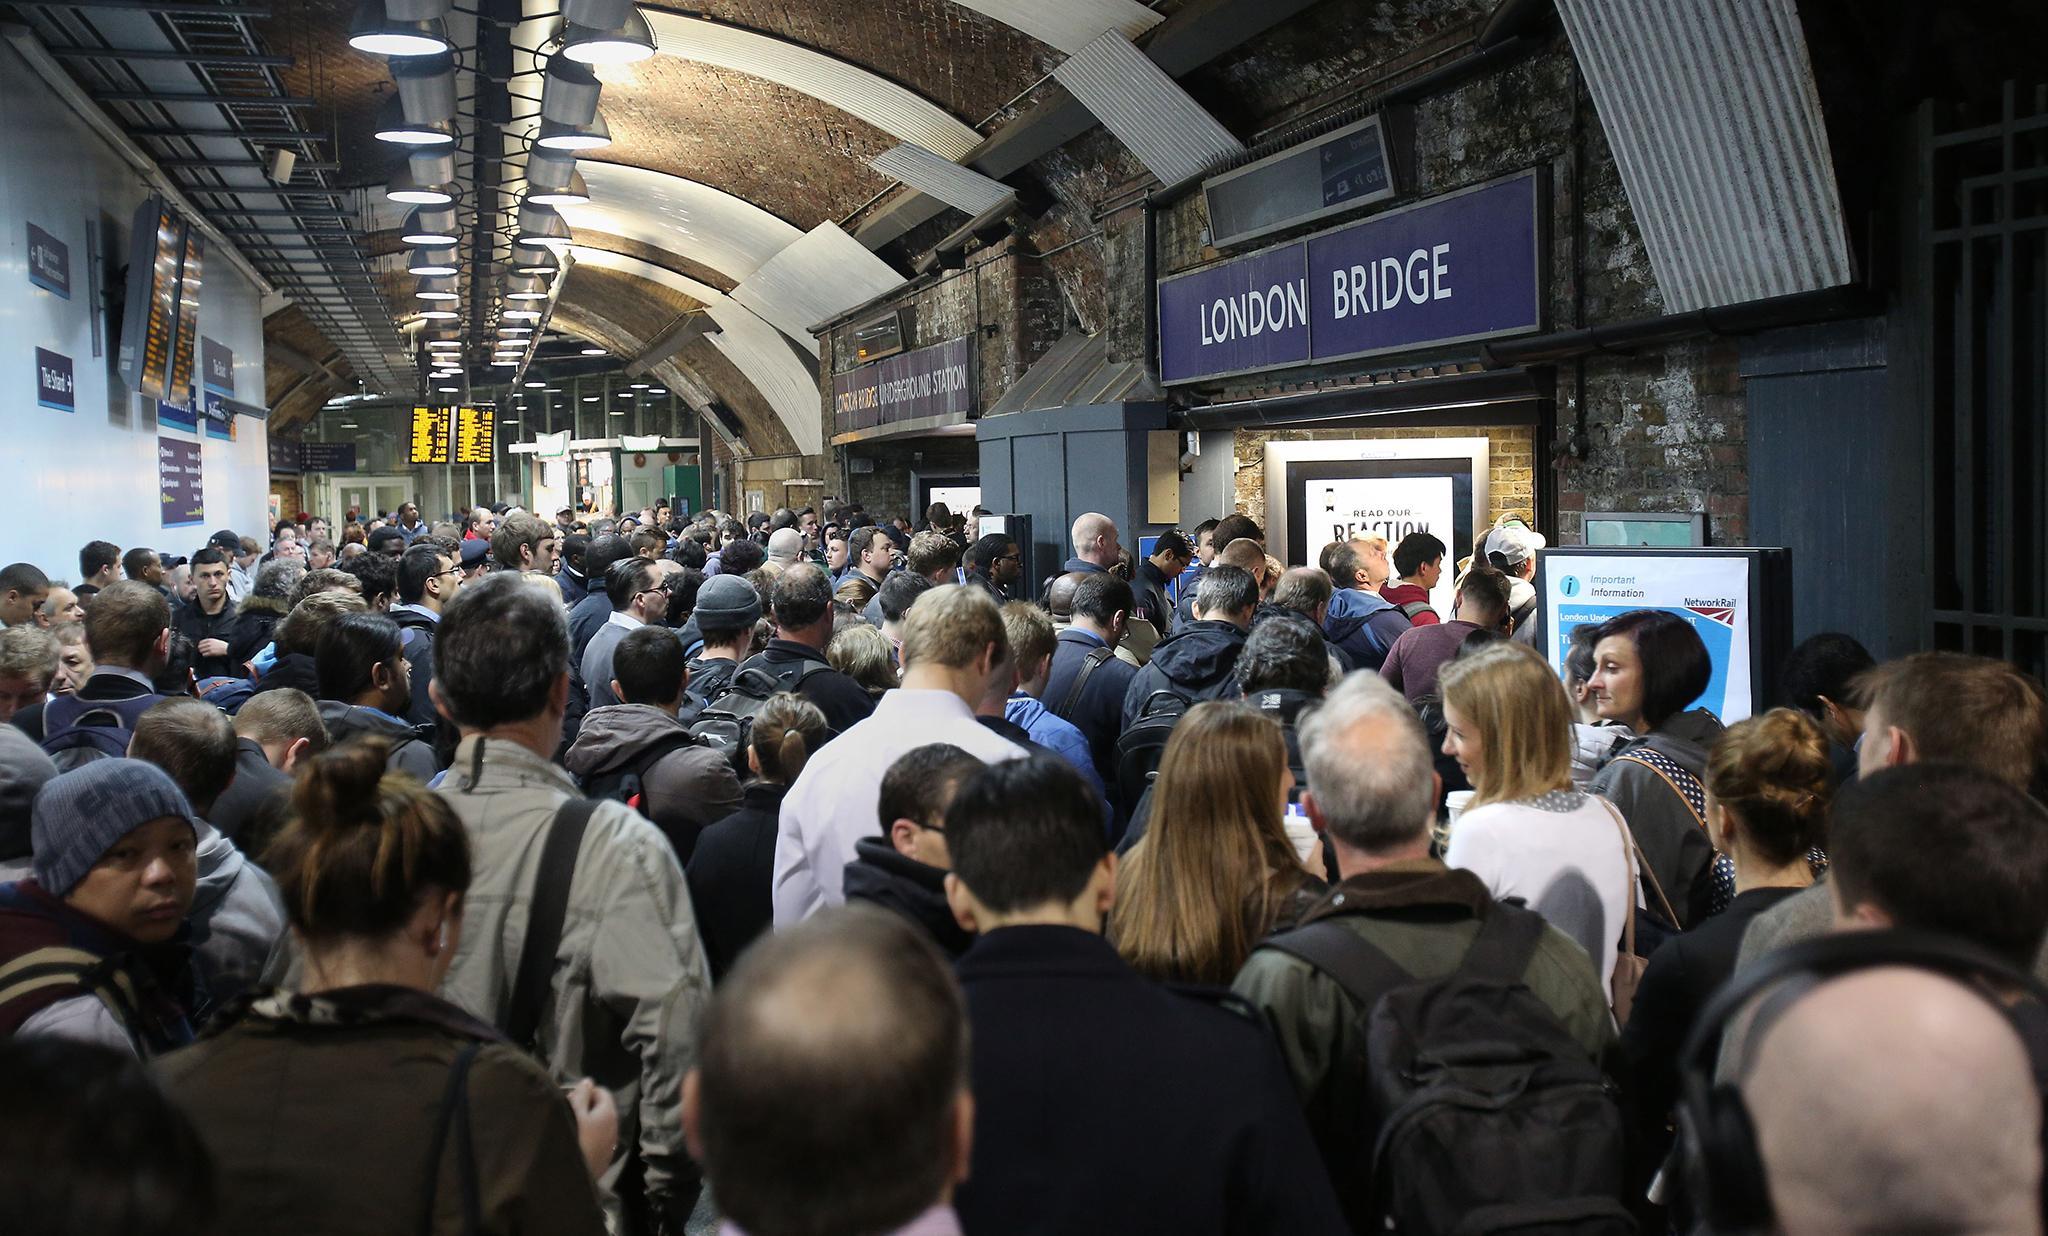 8. London Bridge